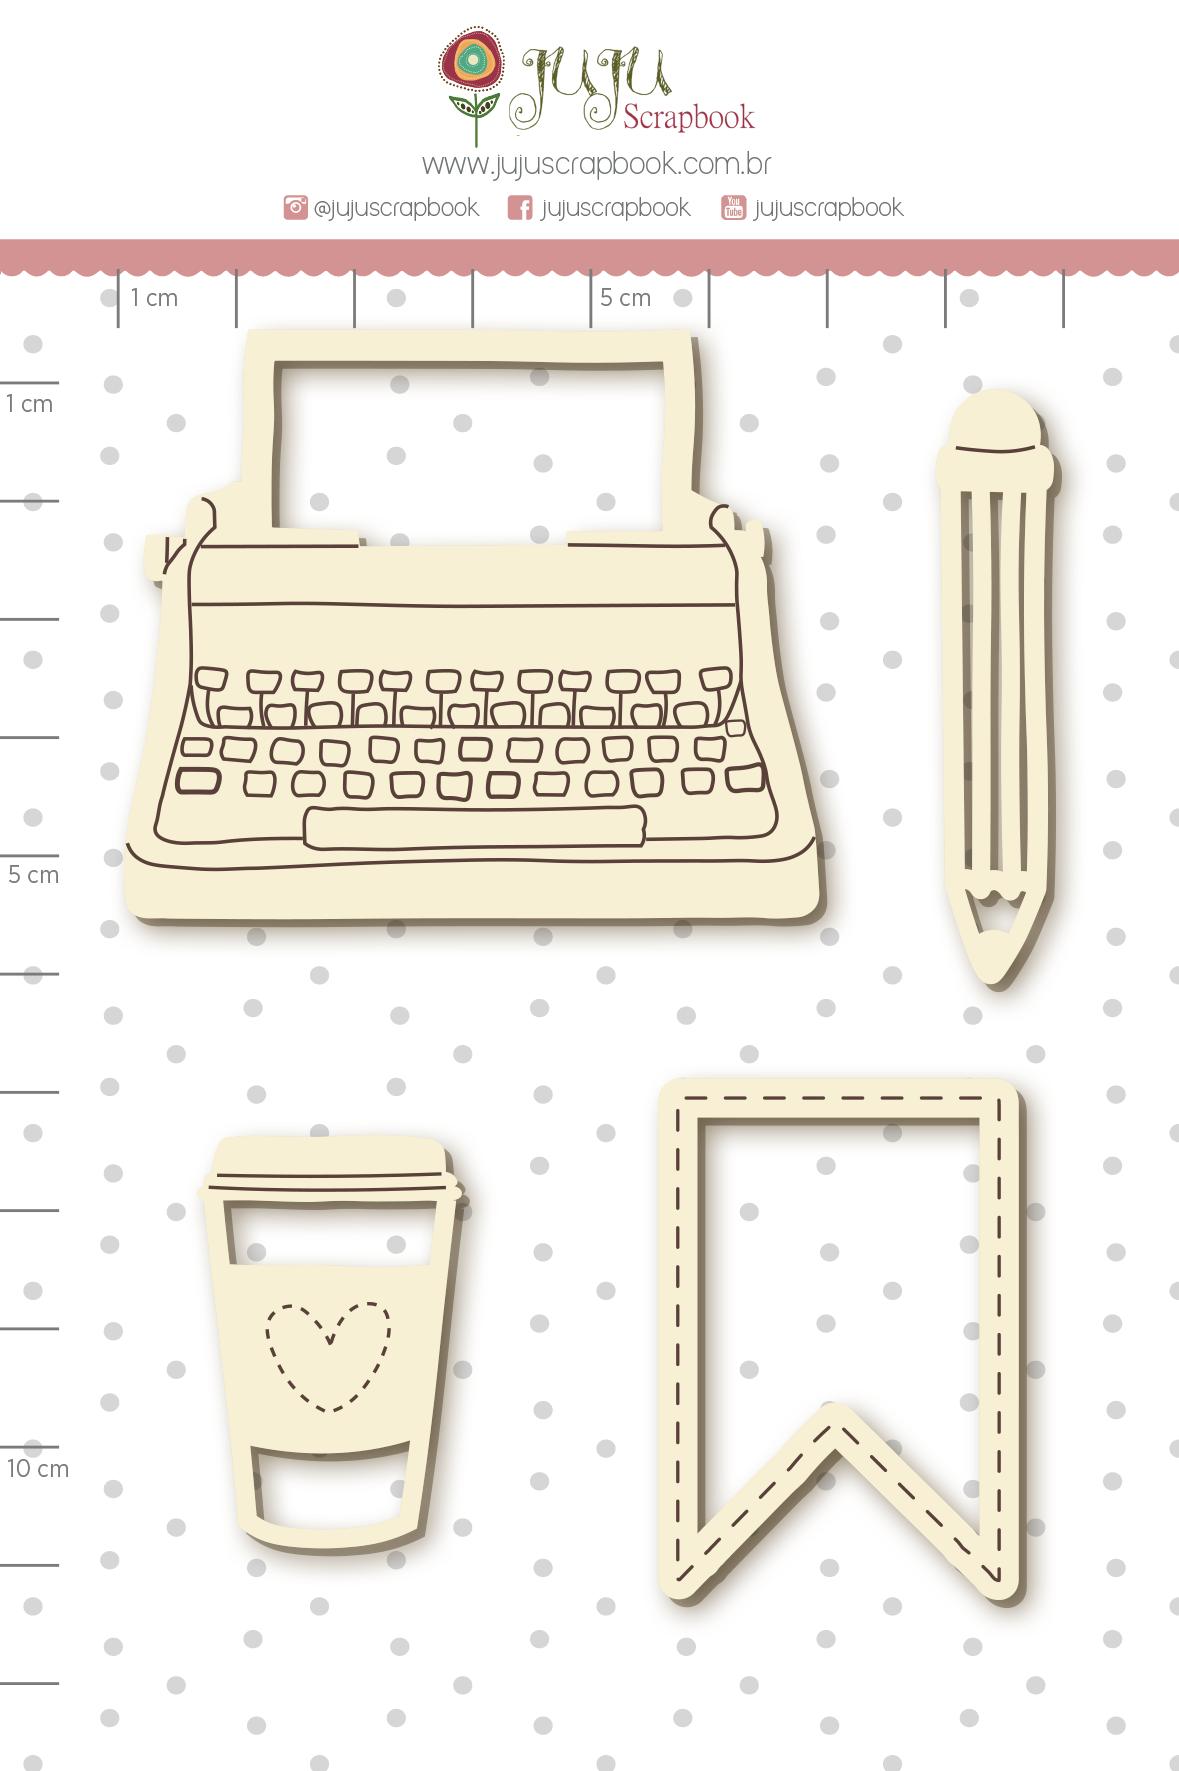 Enfeite Chipboard Branco Recadinhos - Coleção Quarentena Criativa - Juju Scrapbook  - JuJu Scrapbook